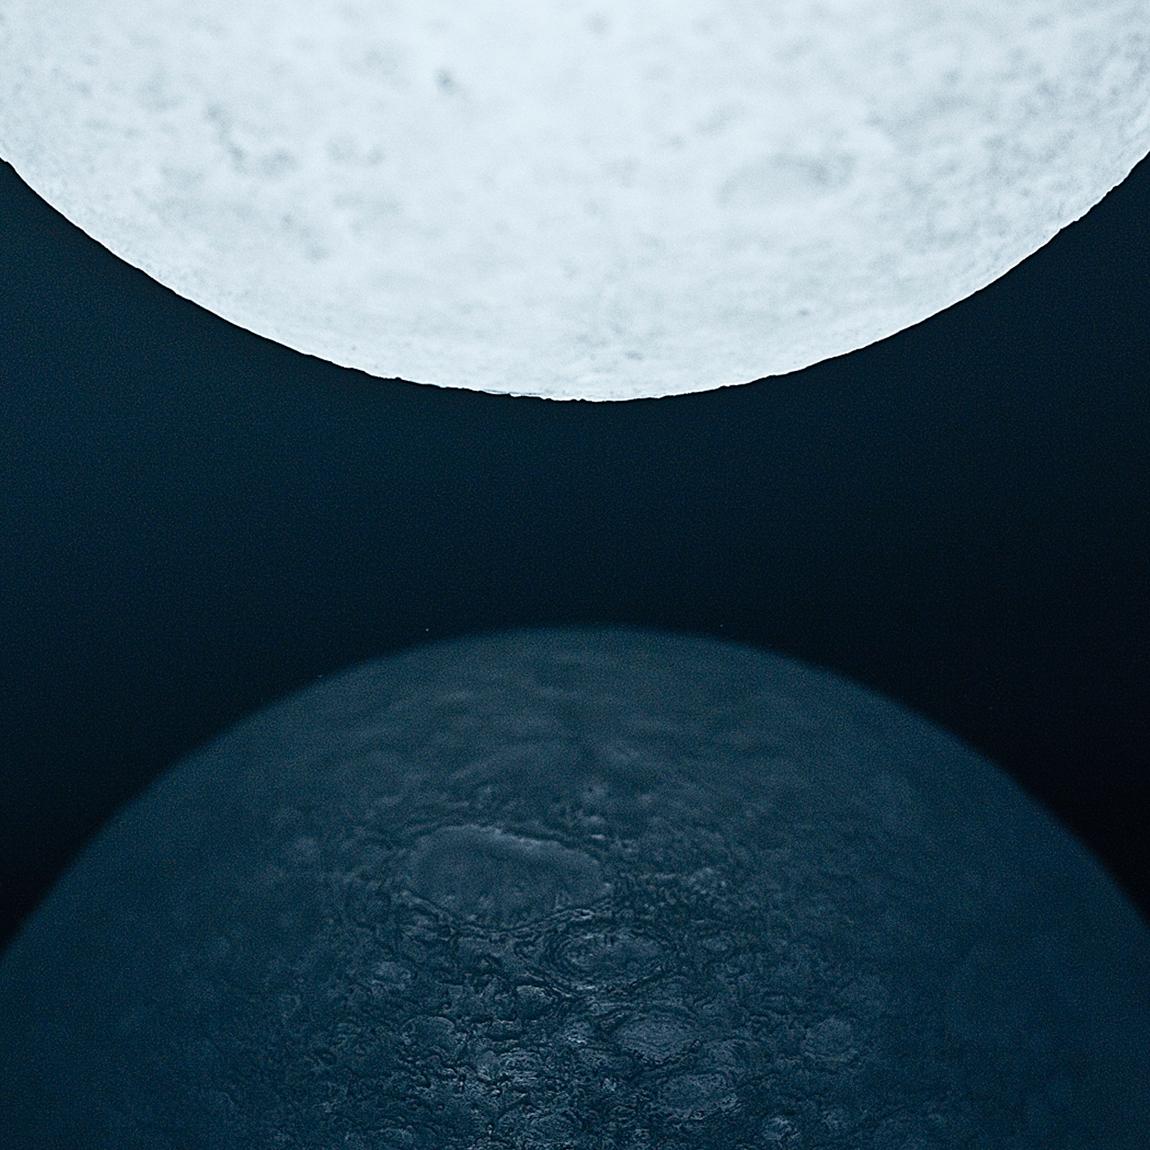 本物の月のようにさえみえる、リアルな月の照明4